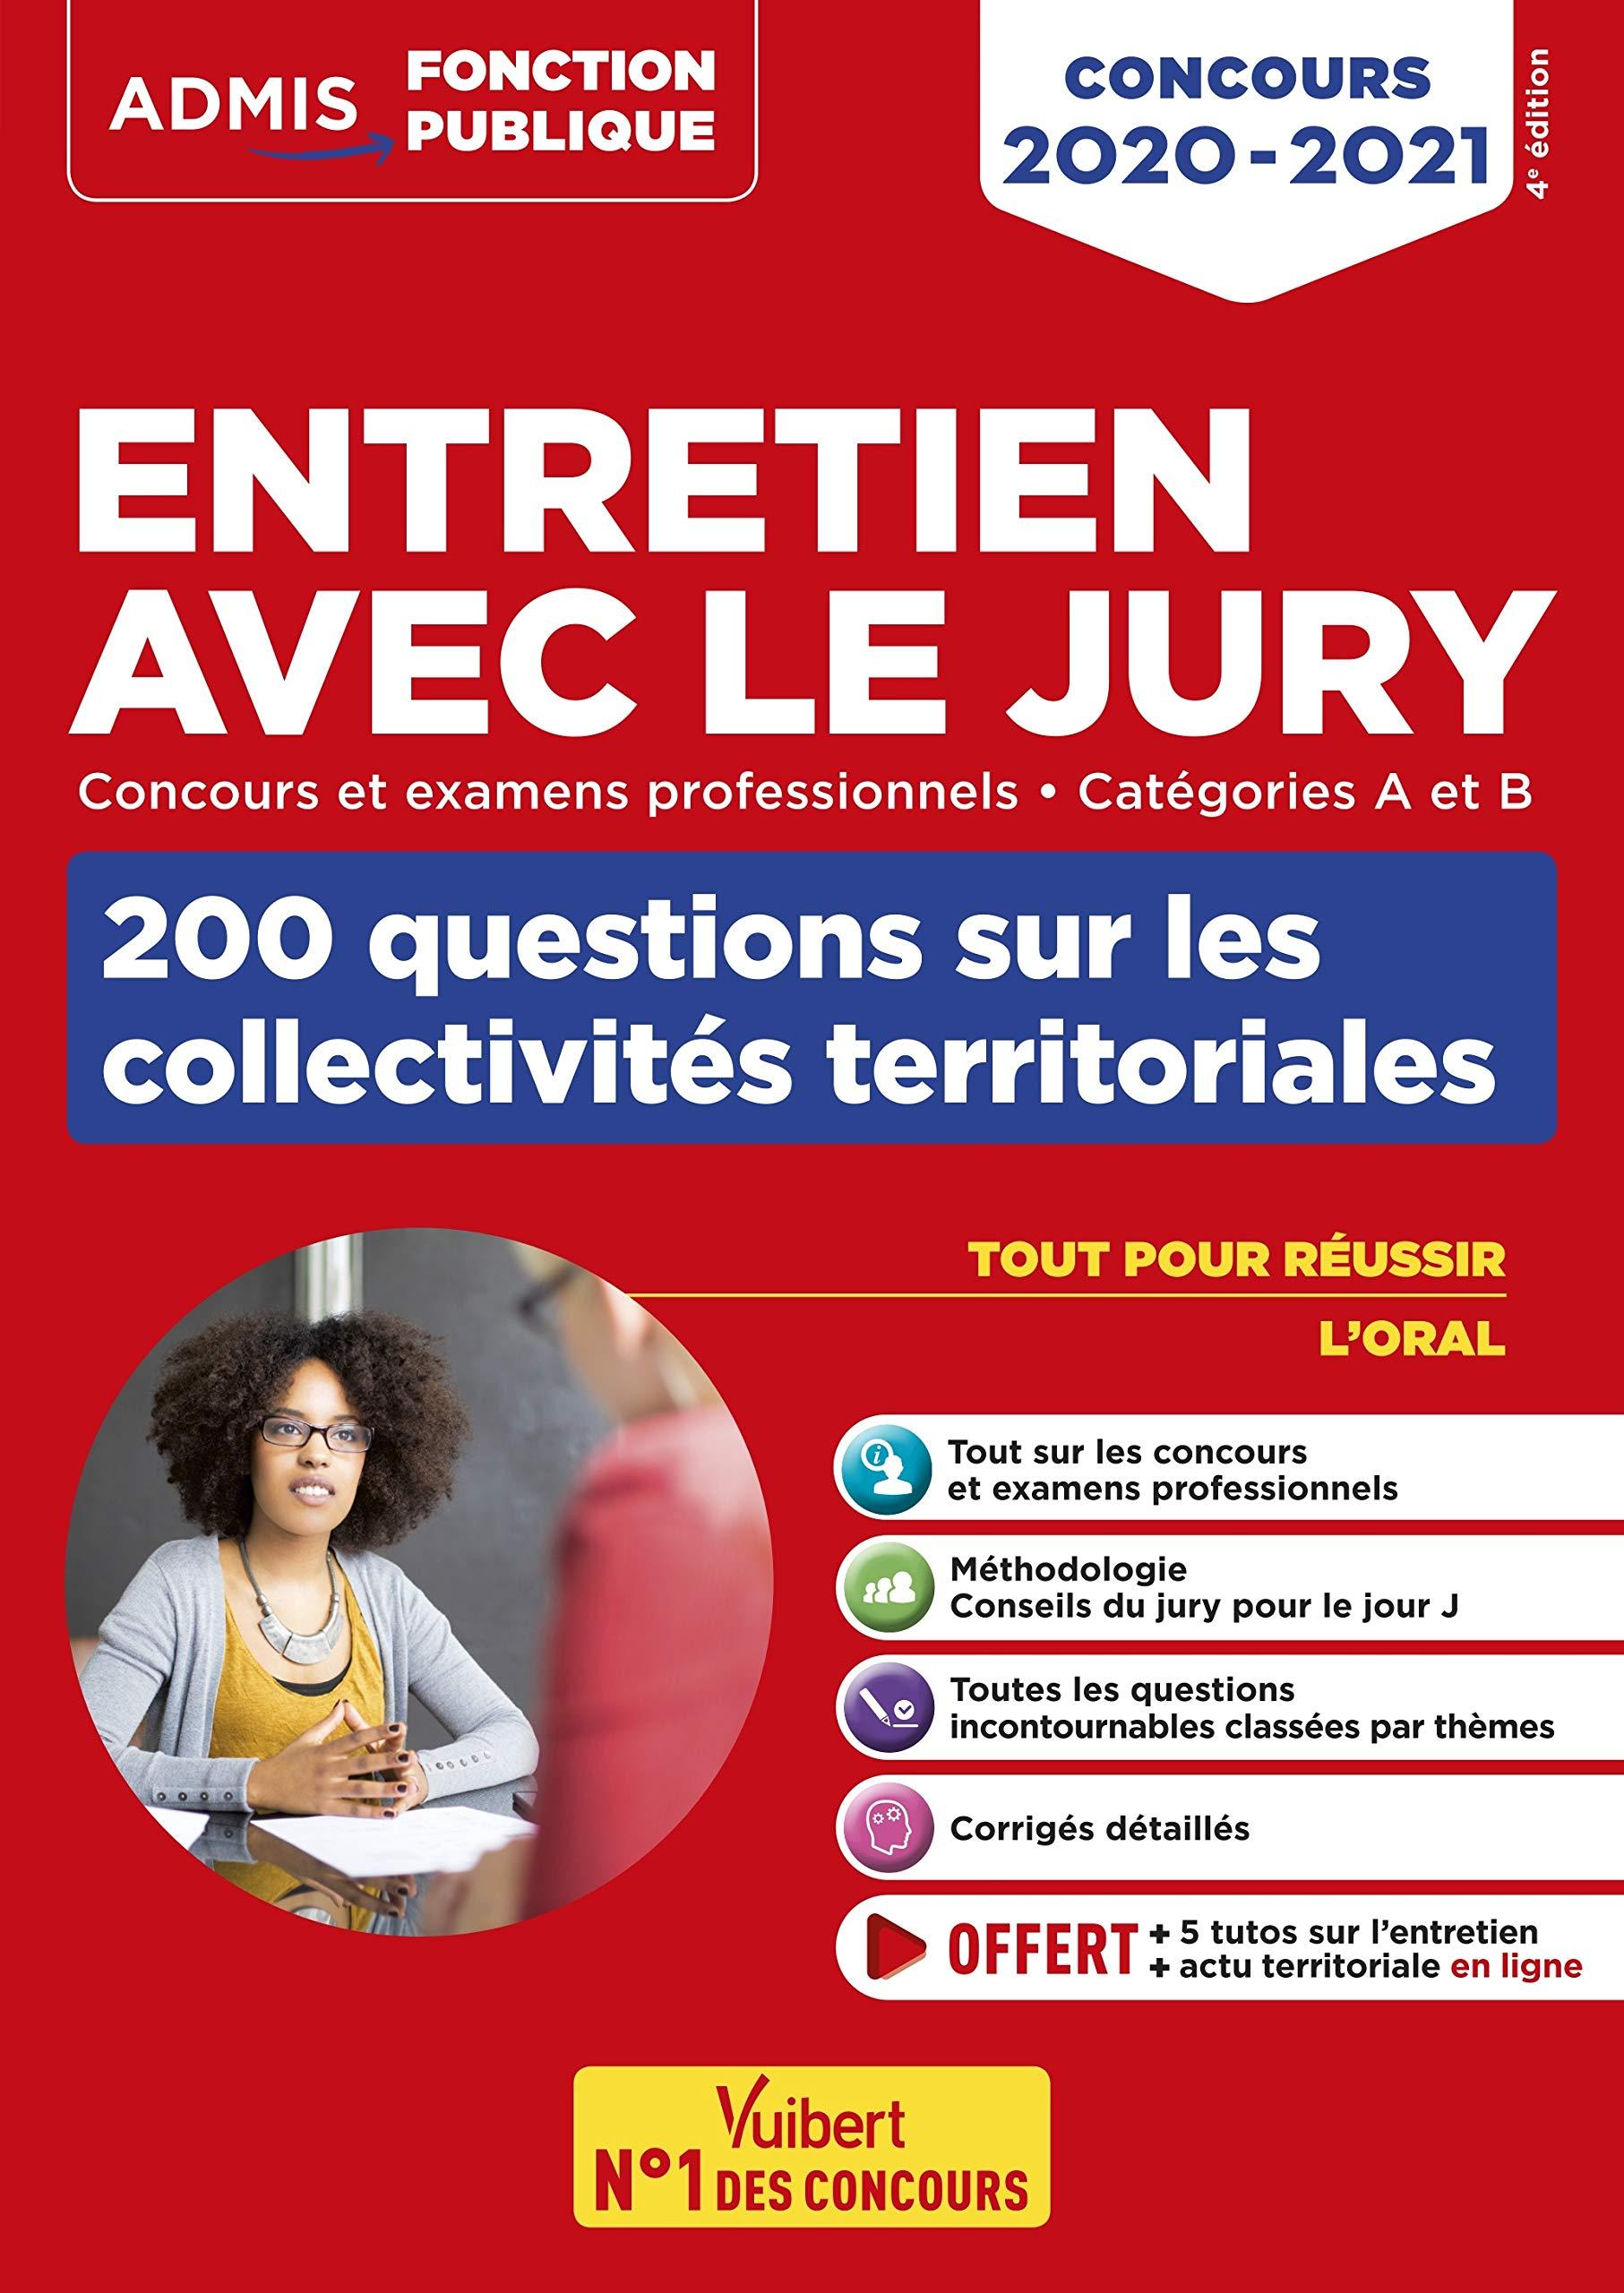 Entretien avec le jury - 200 questions sur les collectivités territoriales - Concours et examens professionnels - Catégories A et B - Concours 2020-2021 par Fabienne Geninasca